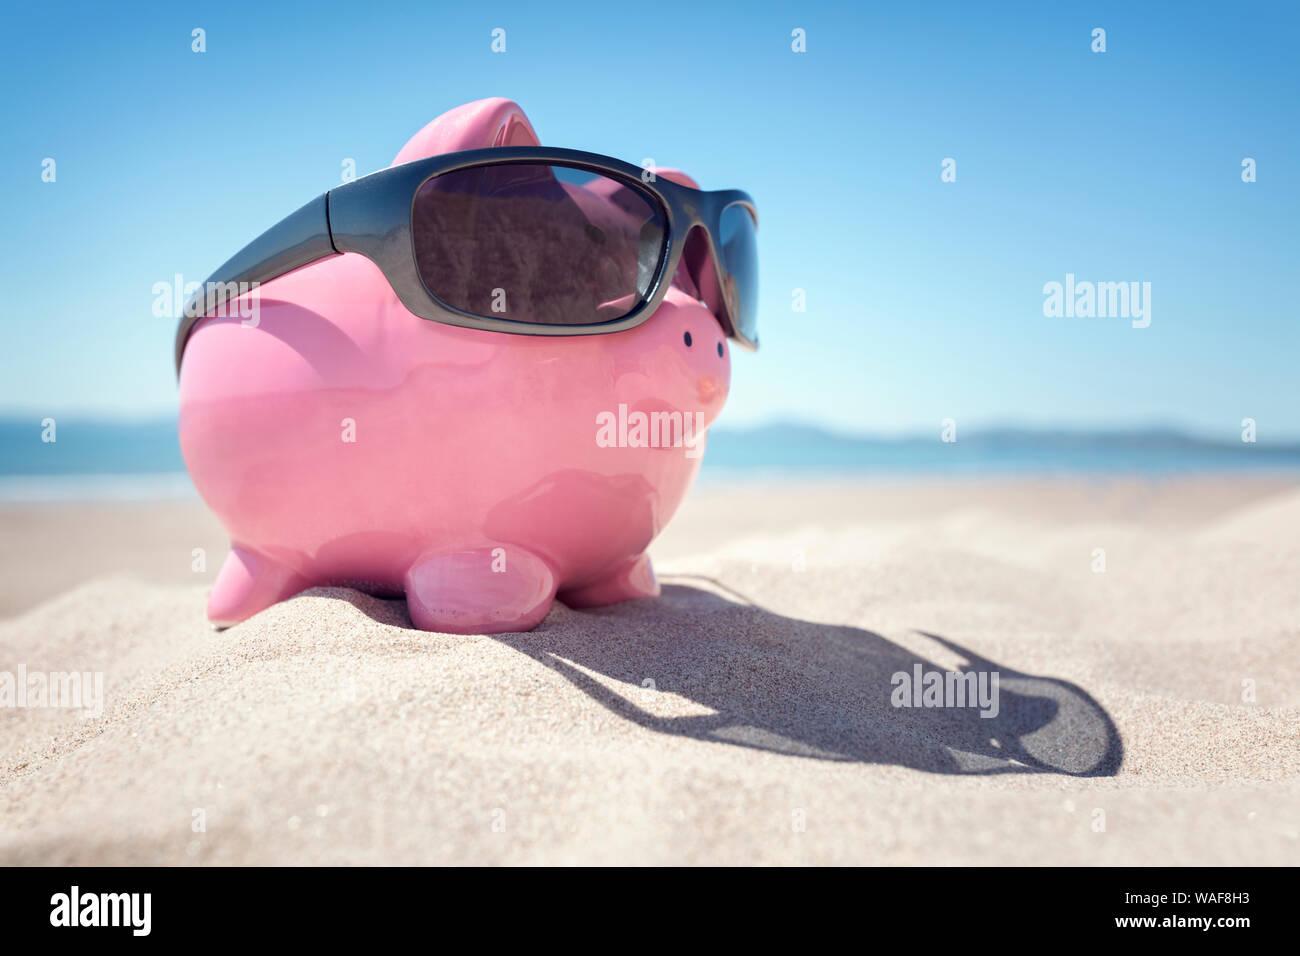 Hucha con gafas de sol en la playa junto al mar en verano Foto de stock